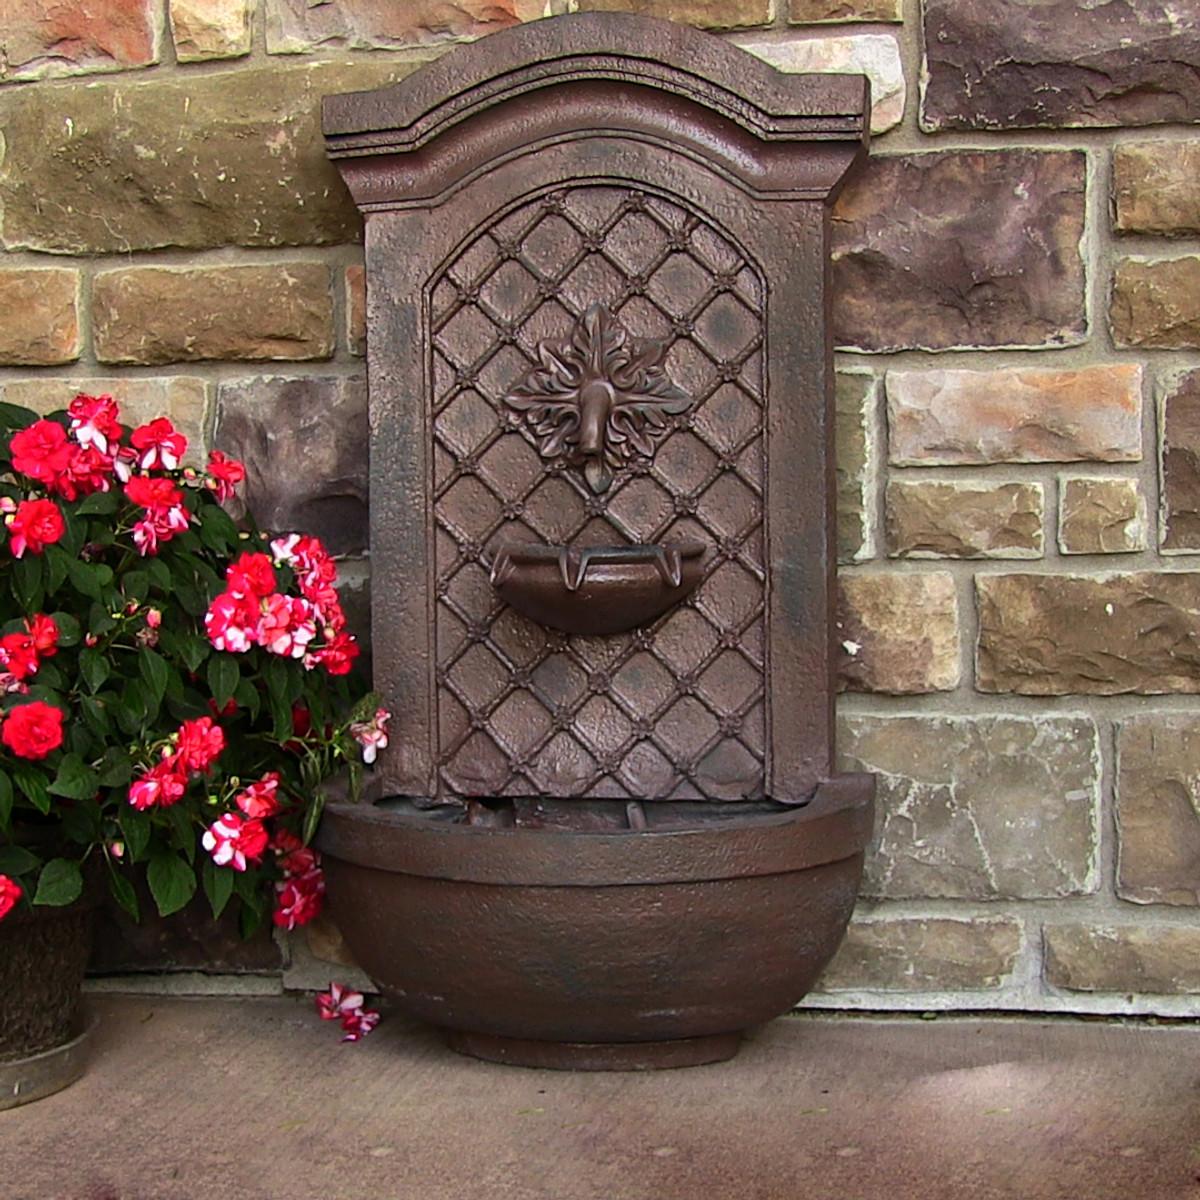 Sunnydaze Rosette Solar Wall Fountain Outdoor Fountain